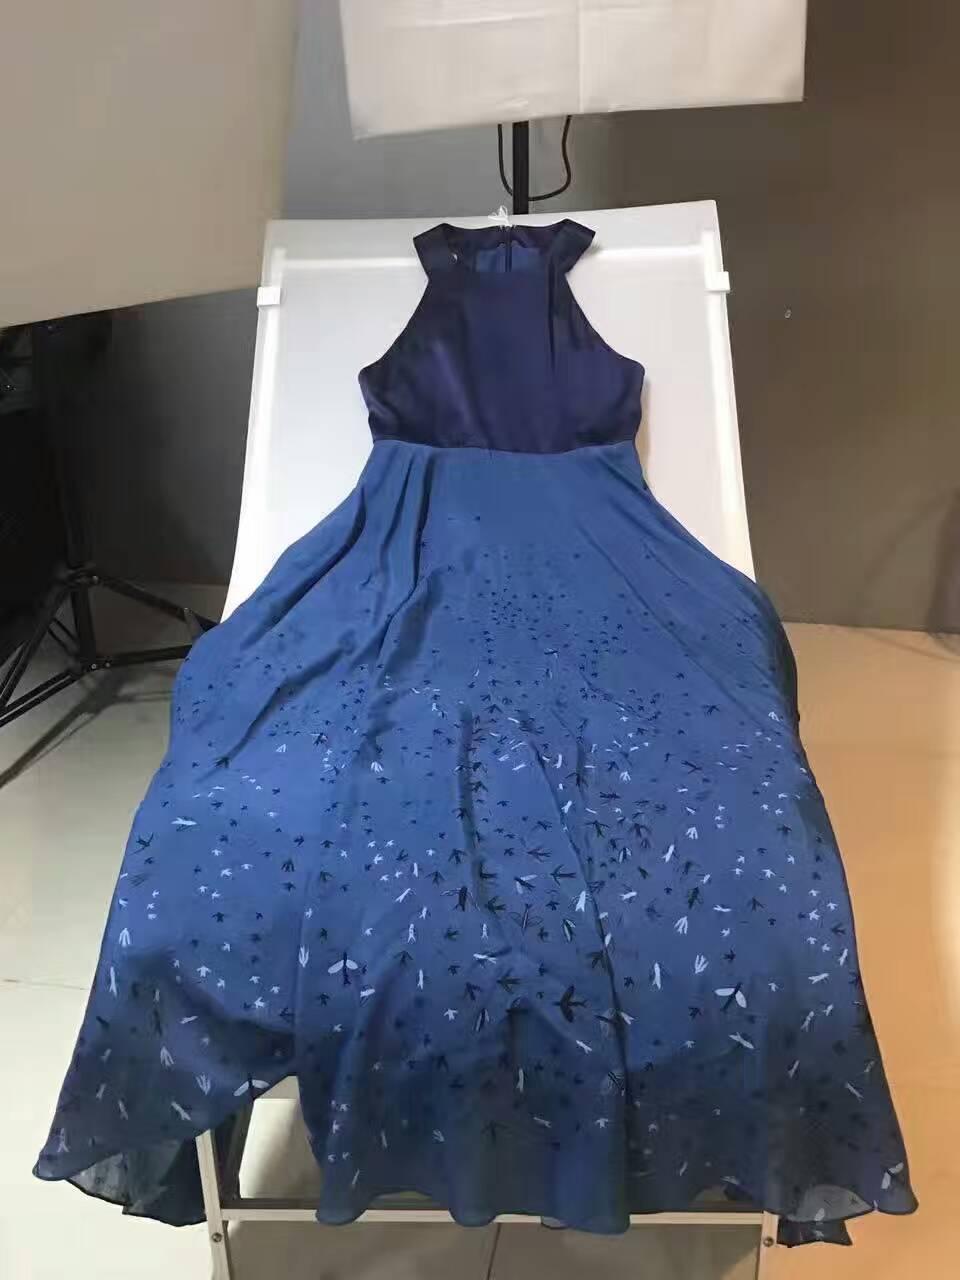 Urlaub Vevestidos Kleid Maxi 100Seide Elegante Print High Kleid Abendgesellschaft SommerkleidSexy Kleider Langes Fiesta End Qsrdht